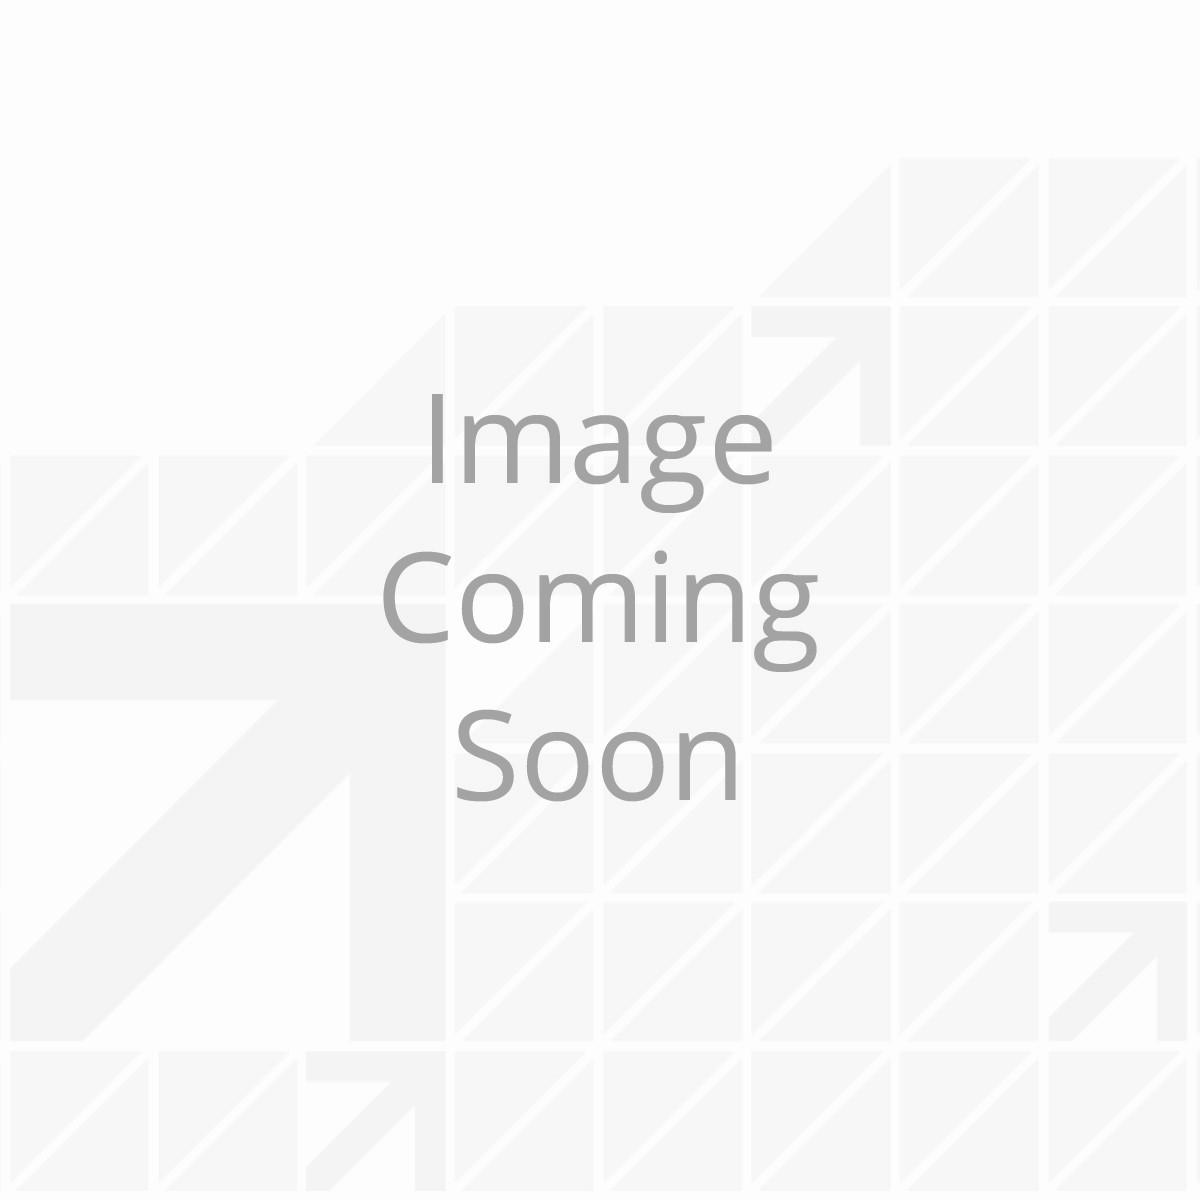 136447_-_magnet_kit_-_001